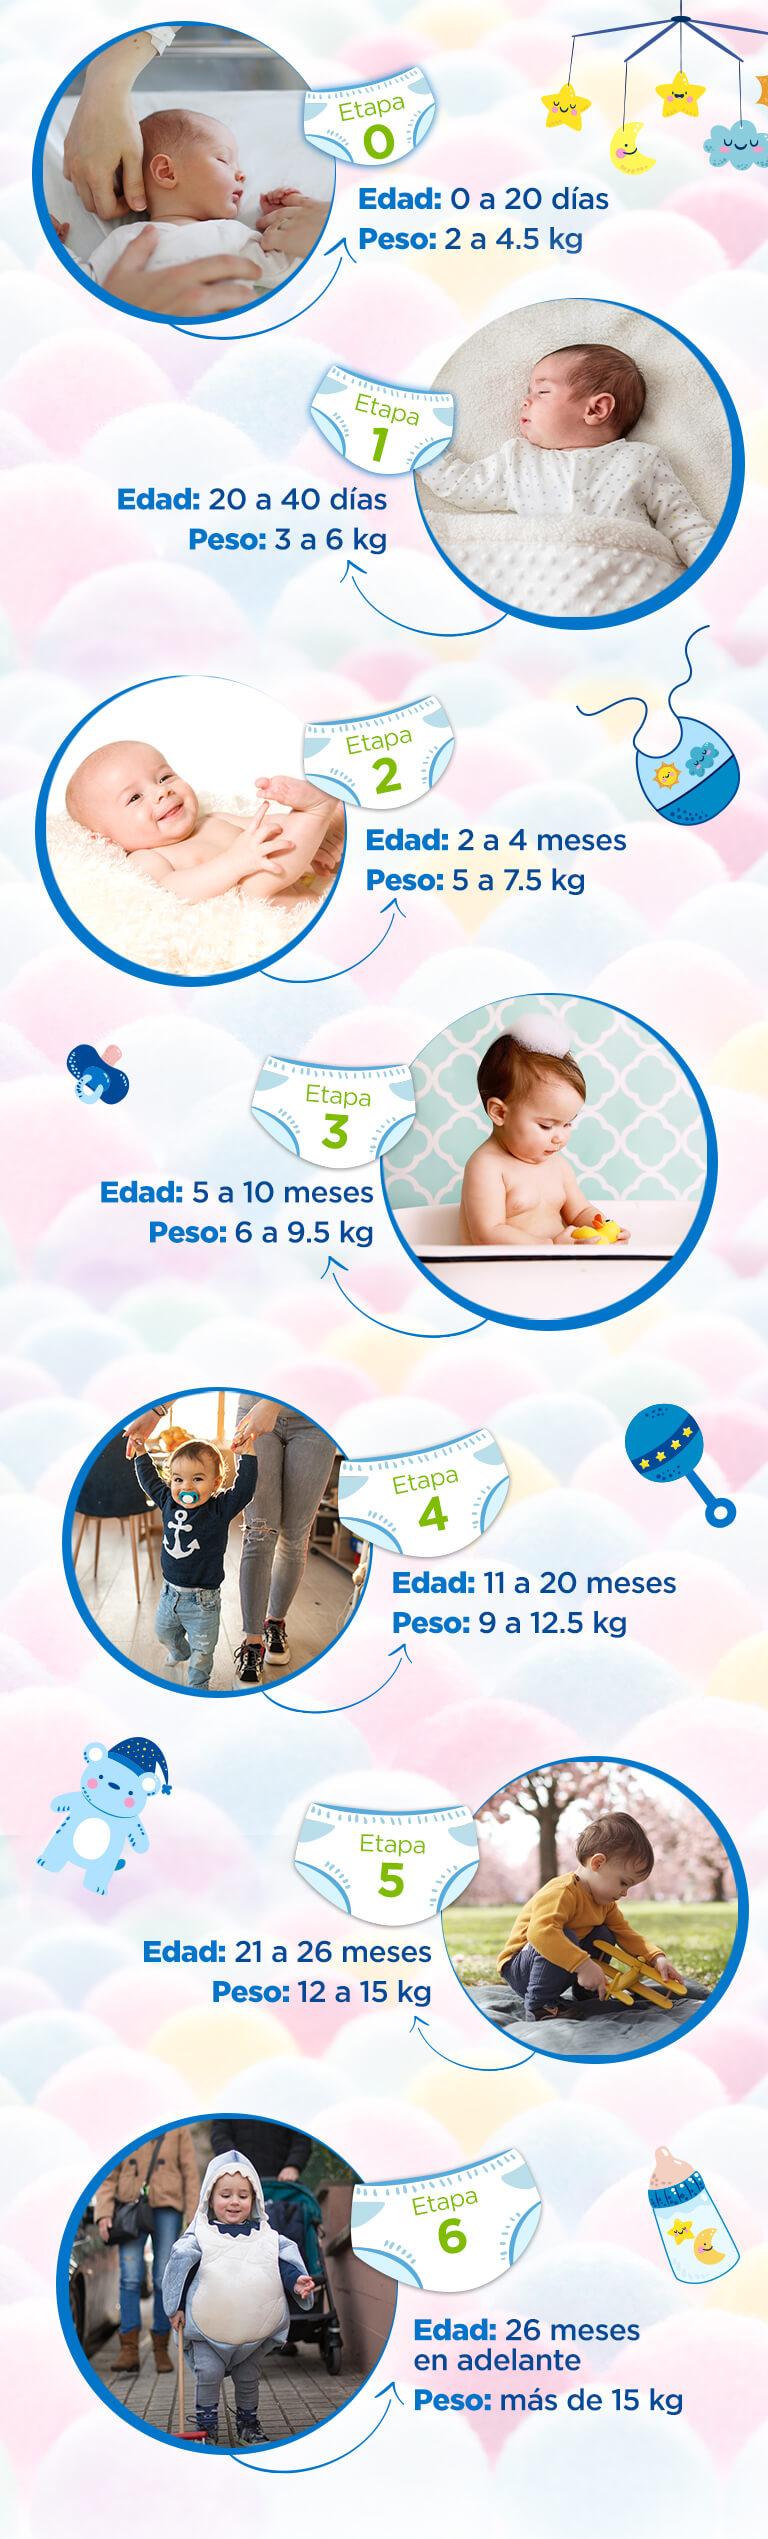 Etapa: 0  Edad: 0 a 20 días Peso: 2 a 4.5 kg  Etapa: 1 Edad: 20 a 40 días Peso: 3 a 6 kg  Etapa: 2 Edad: 2 a 4 meses Peso: 5 a 7.5 kg  Etapa: 3 Edad: 5 a 10 meses Peso: 6 a 9.5 kg  Etapa: 4 Edad: 11 a 20 meses Peso: 9 a 12.5 kg  Etapa: 5 Edad: 21 a 26 meses Peso: 12 a 15 kg  Etapa: 6 Edad: 26 meses en a